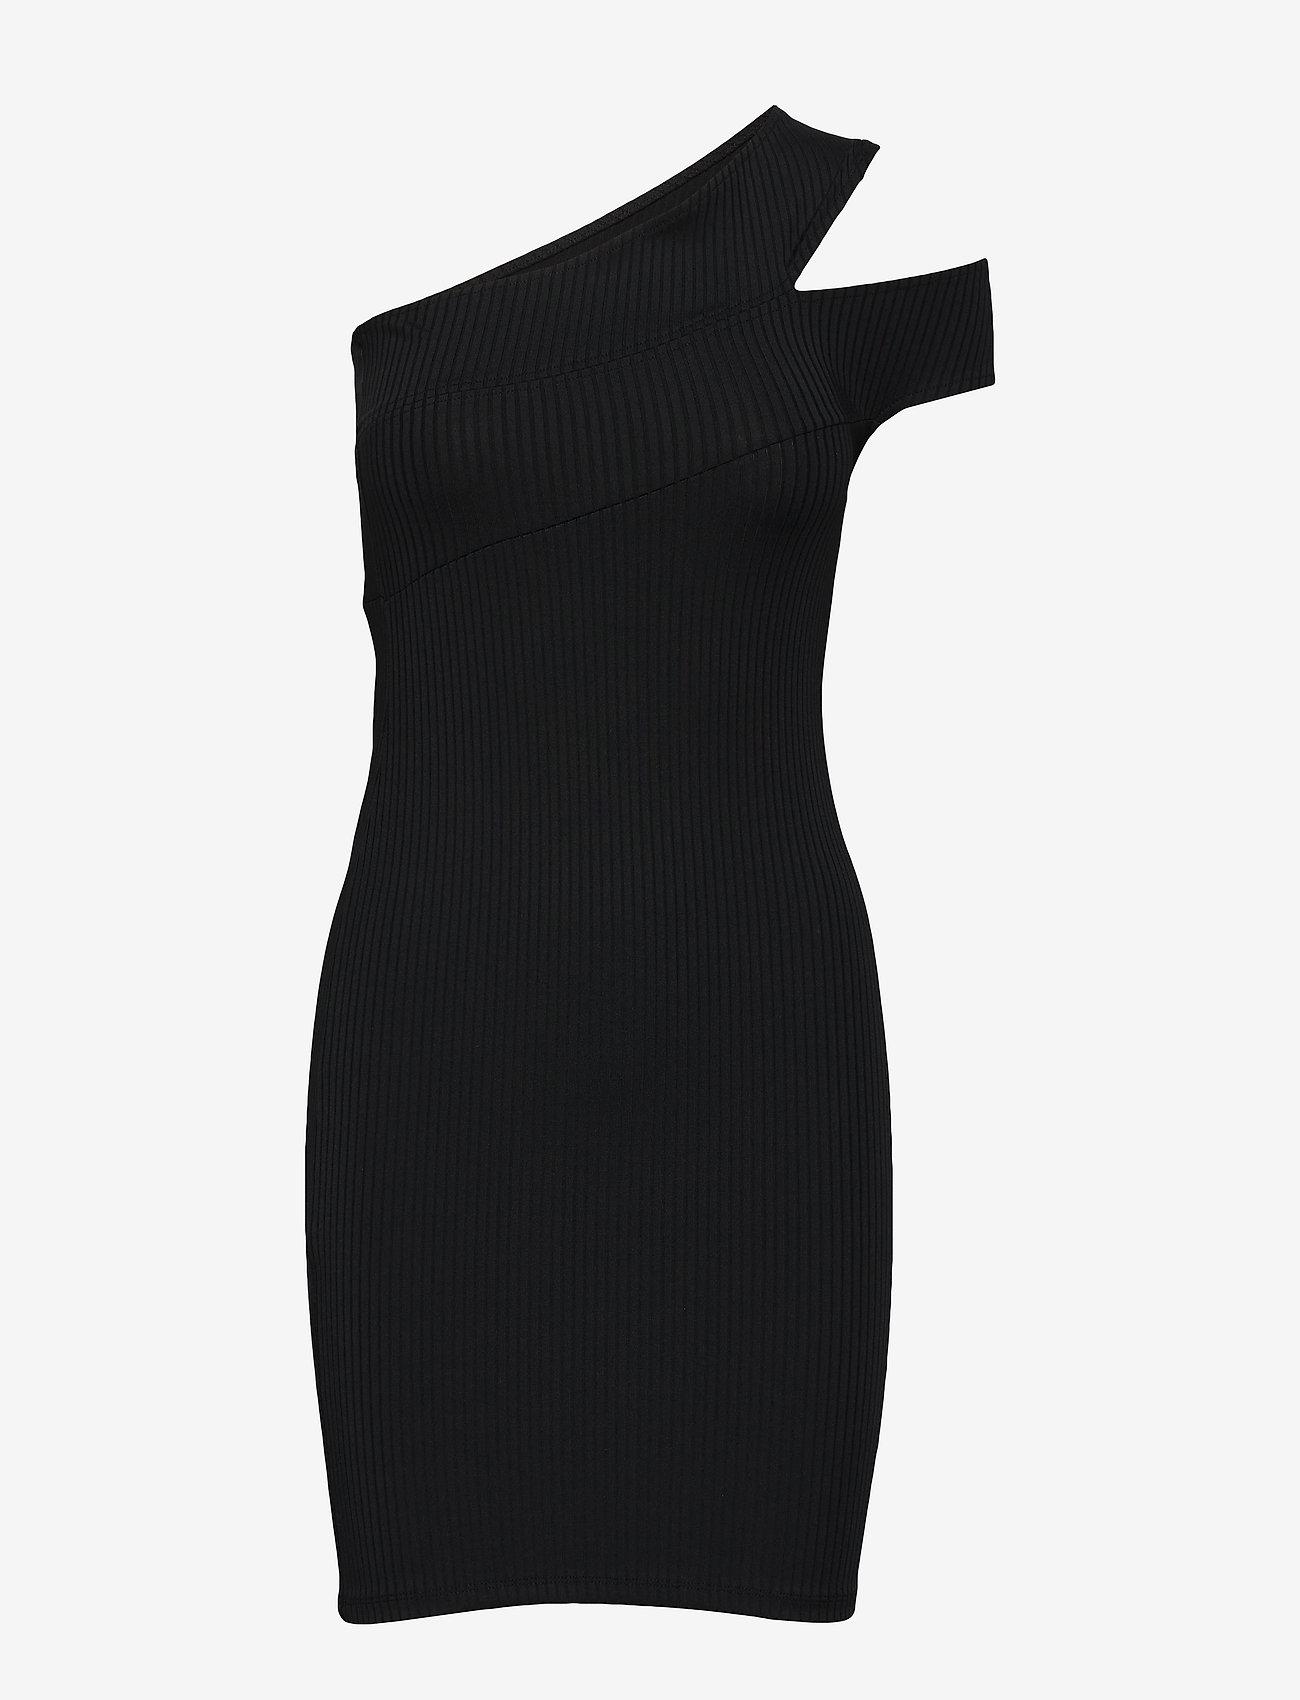 Cross Shoulder Dress (Black) - Ivyrevel GnkaC9